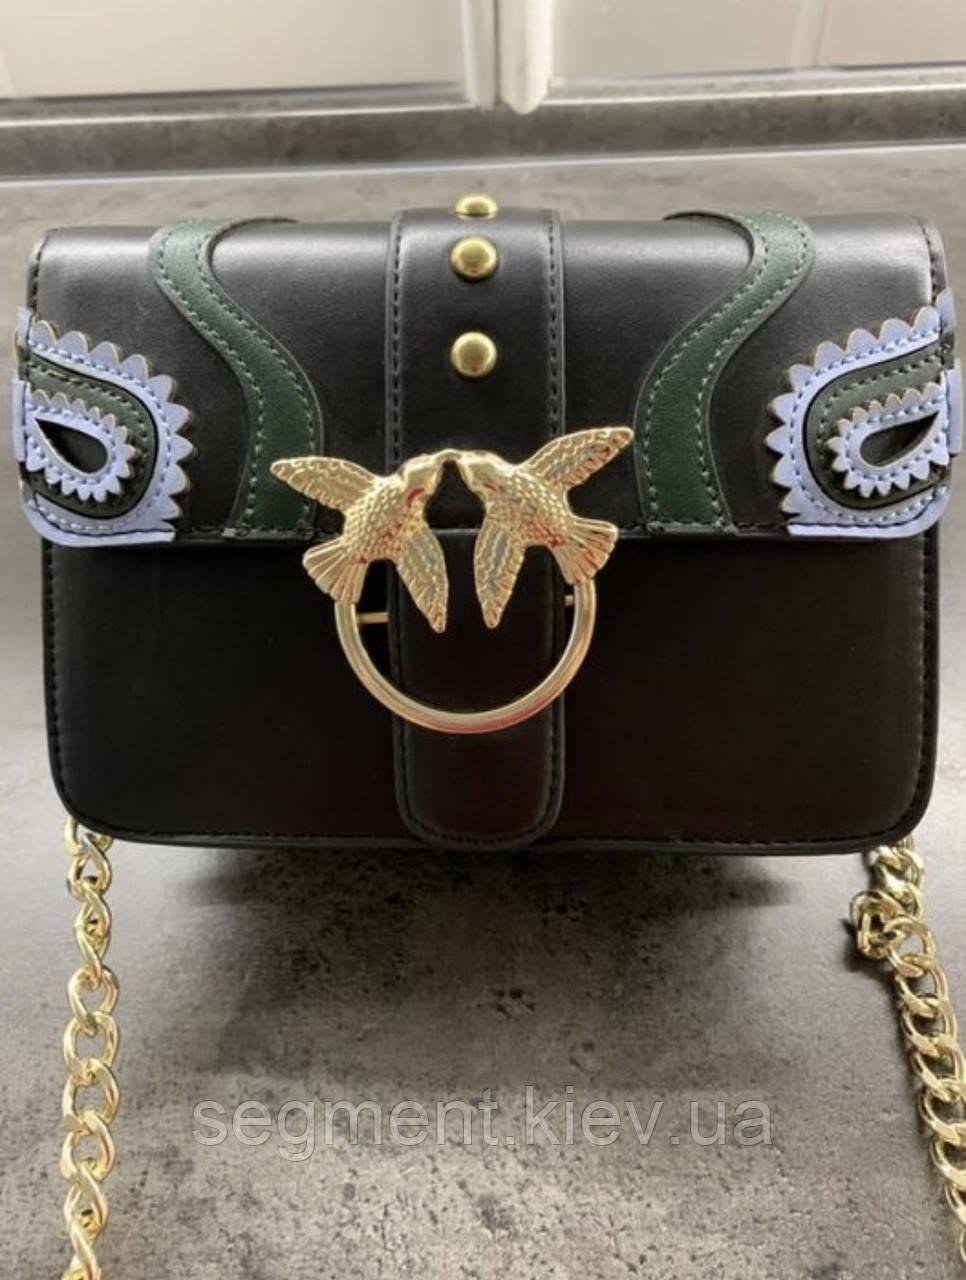 Женская сумочка в стиле Pinko на цепочке